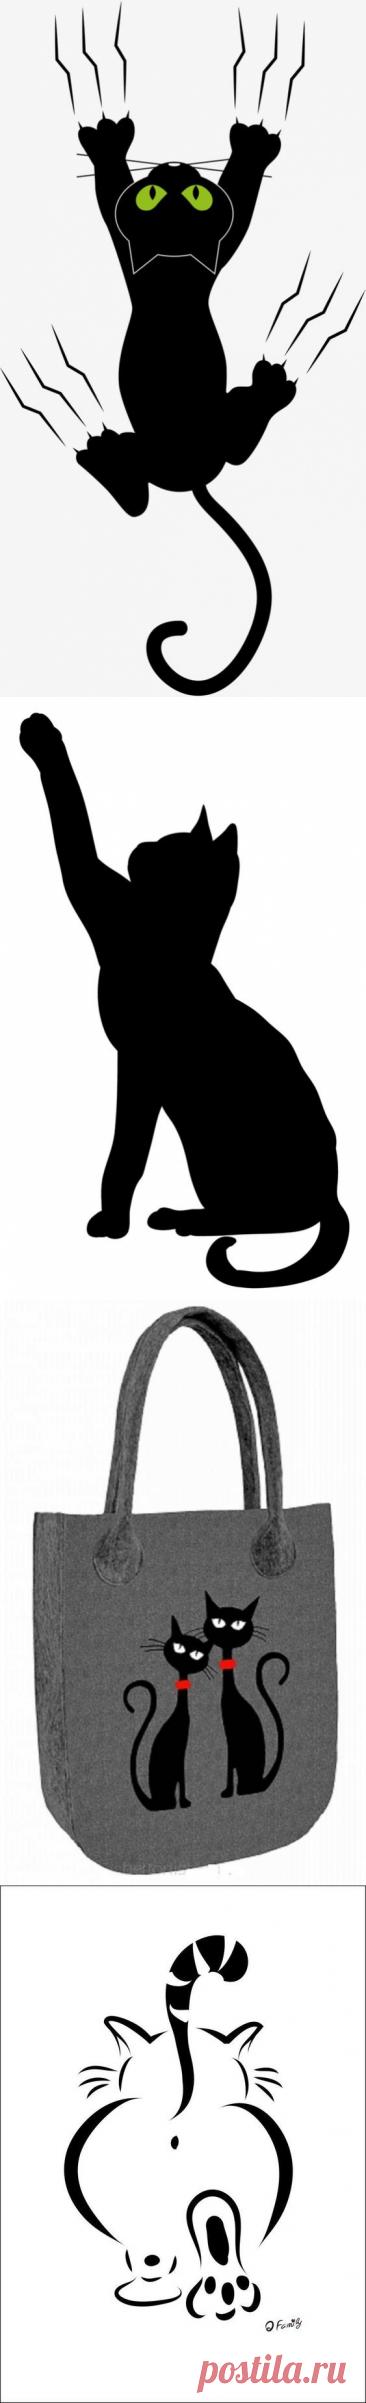 Коты, кошки, котята - вся эта красота может поселиться в виде рисунка или аппликации на Вашей сумке!